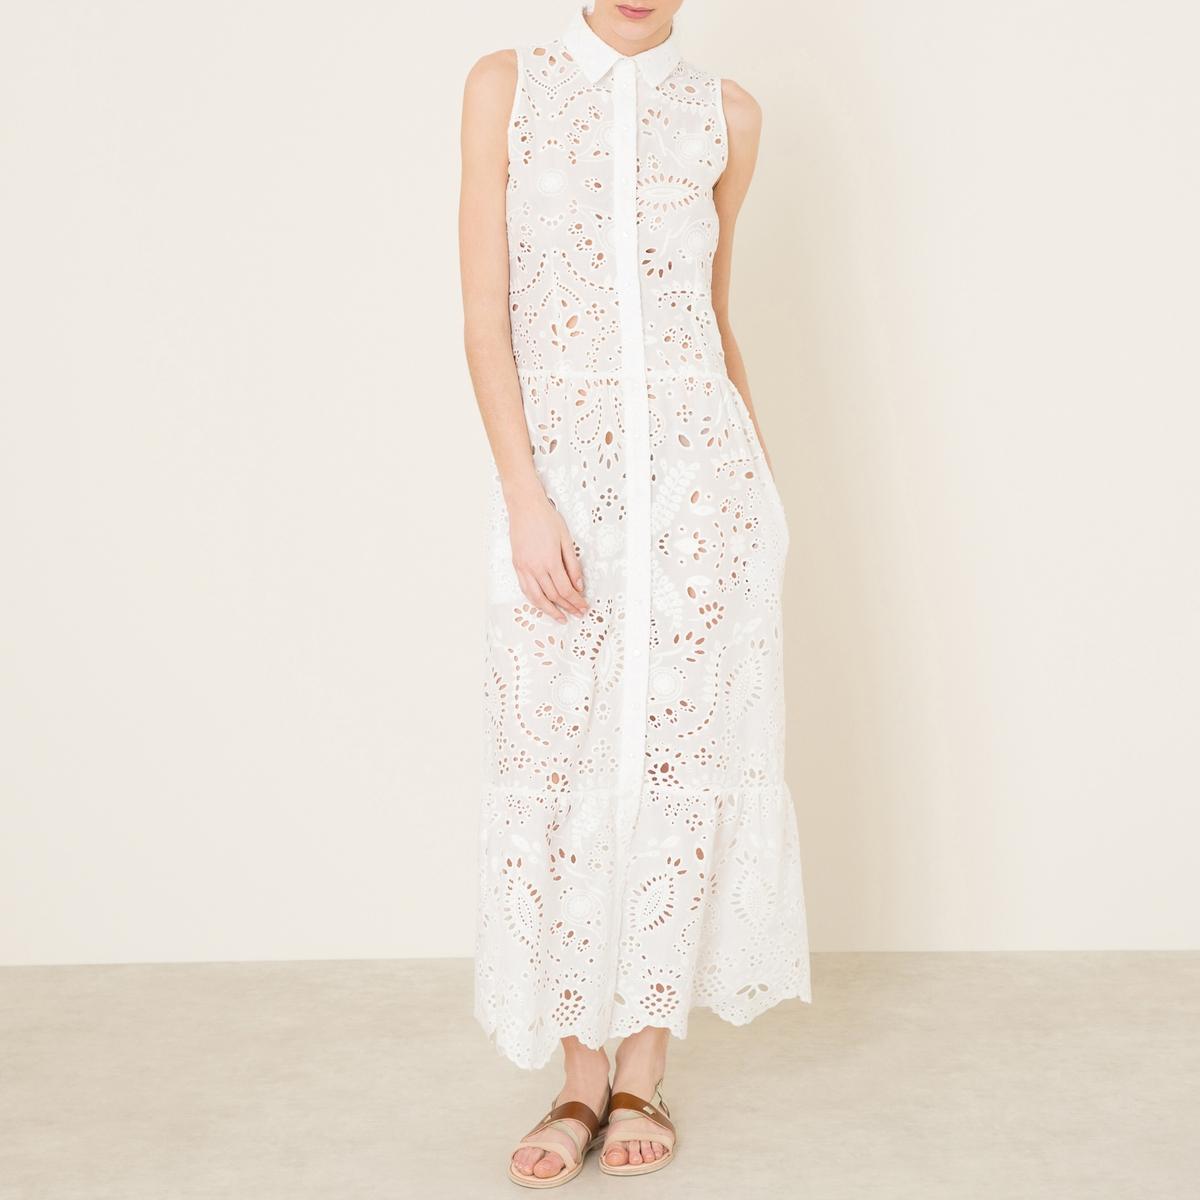 Платье BIKINIСостав и описание Материал : 100% хлопокДлина : 140 см. для размера 36Марка : VALERIE KHALFON<br><br>Цвет: белый